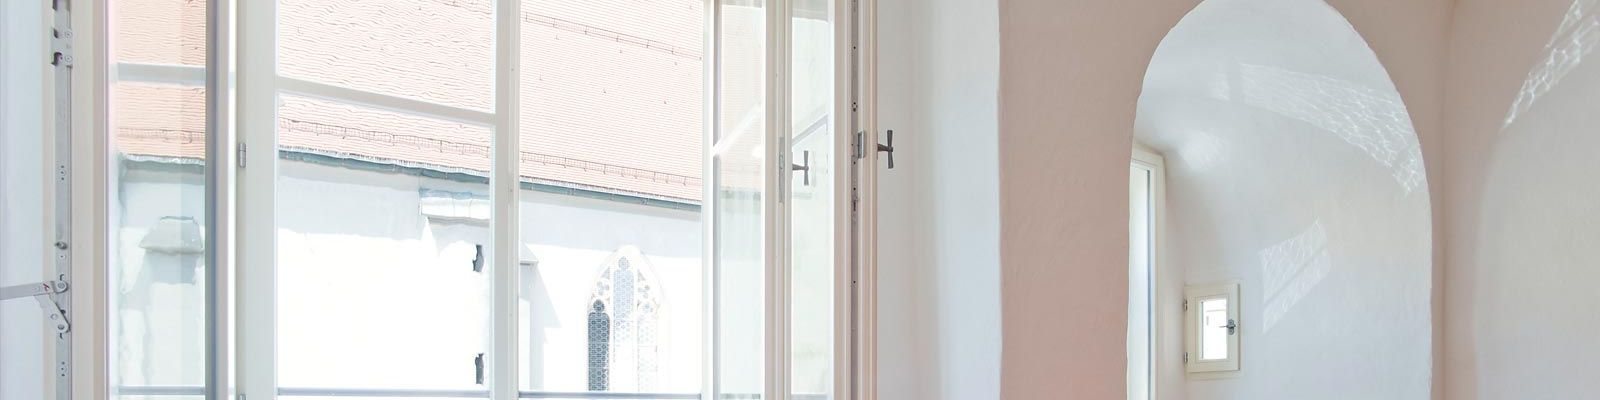 Relativ Baierl Schreinerei - Fenstersanierung XD74